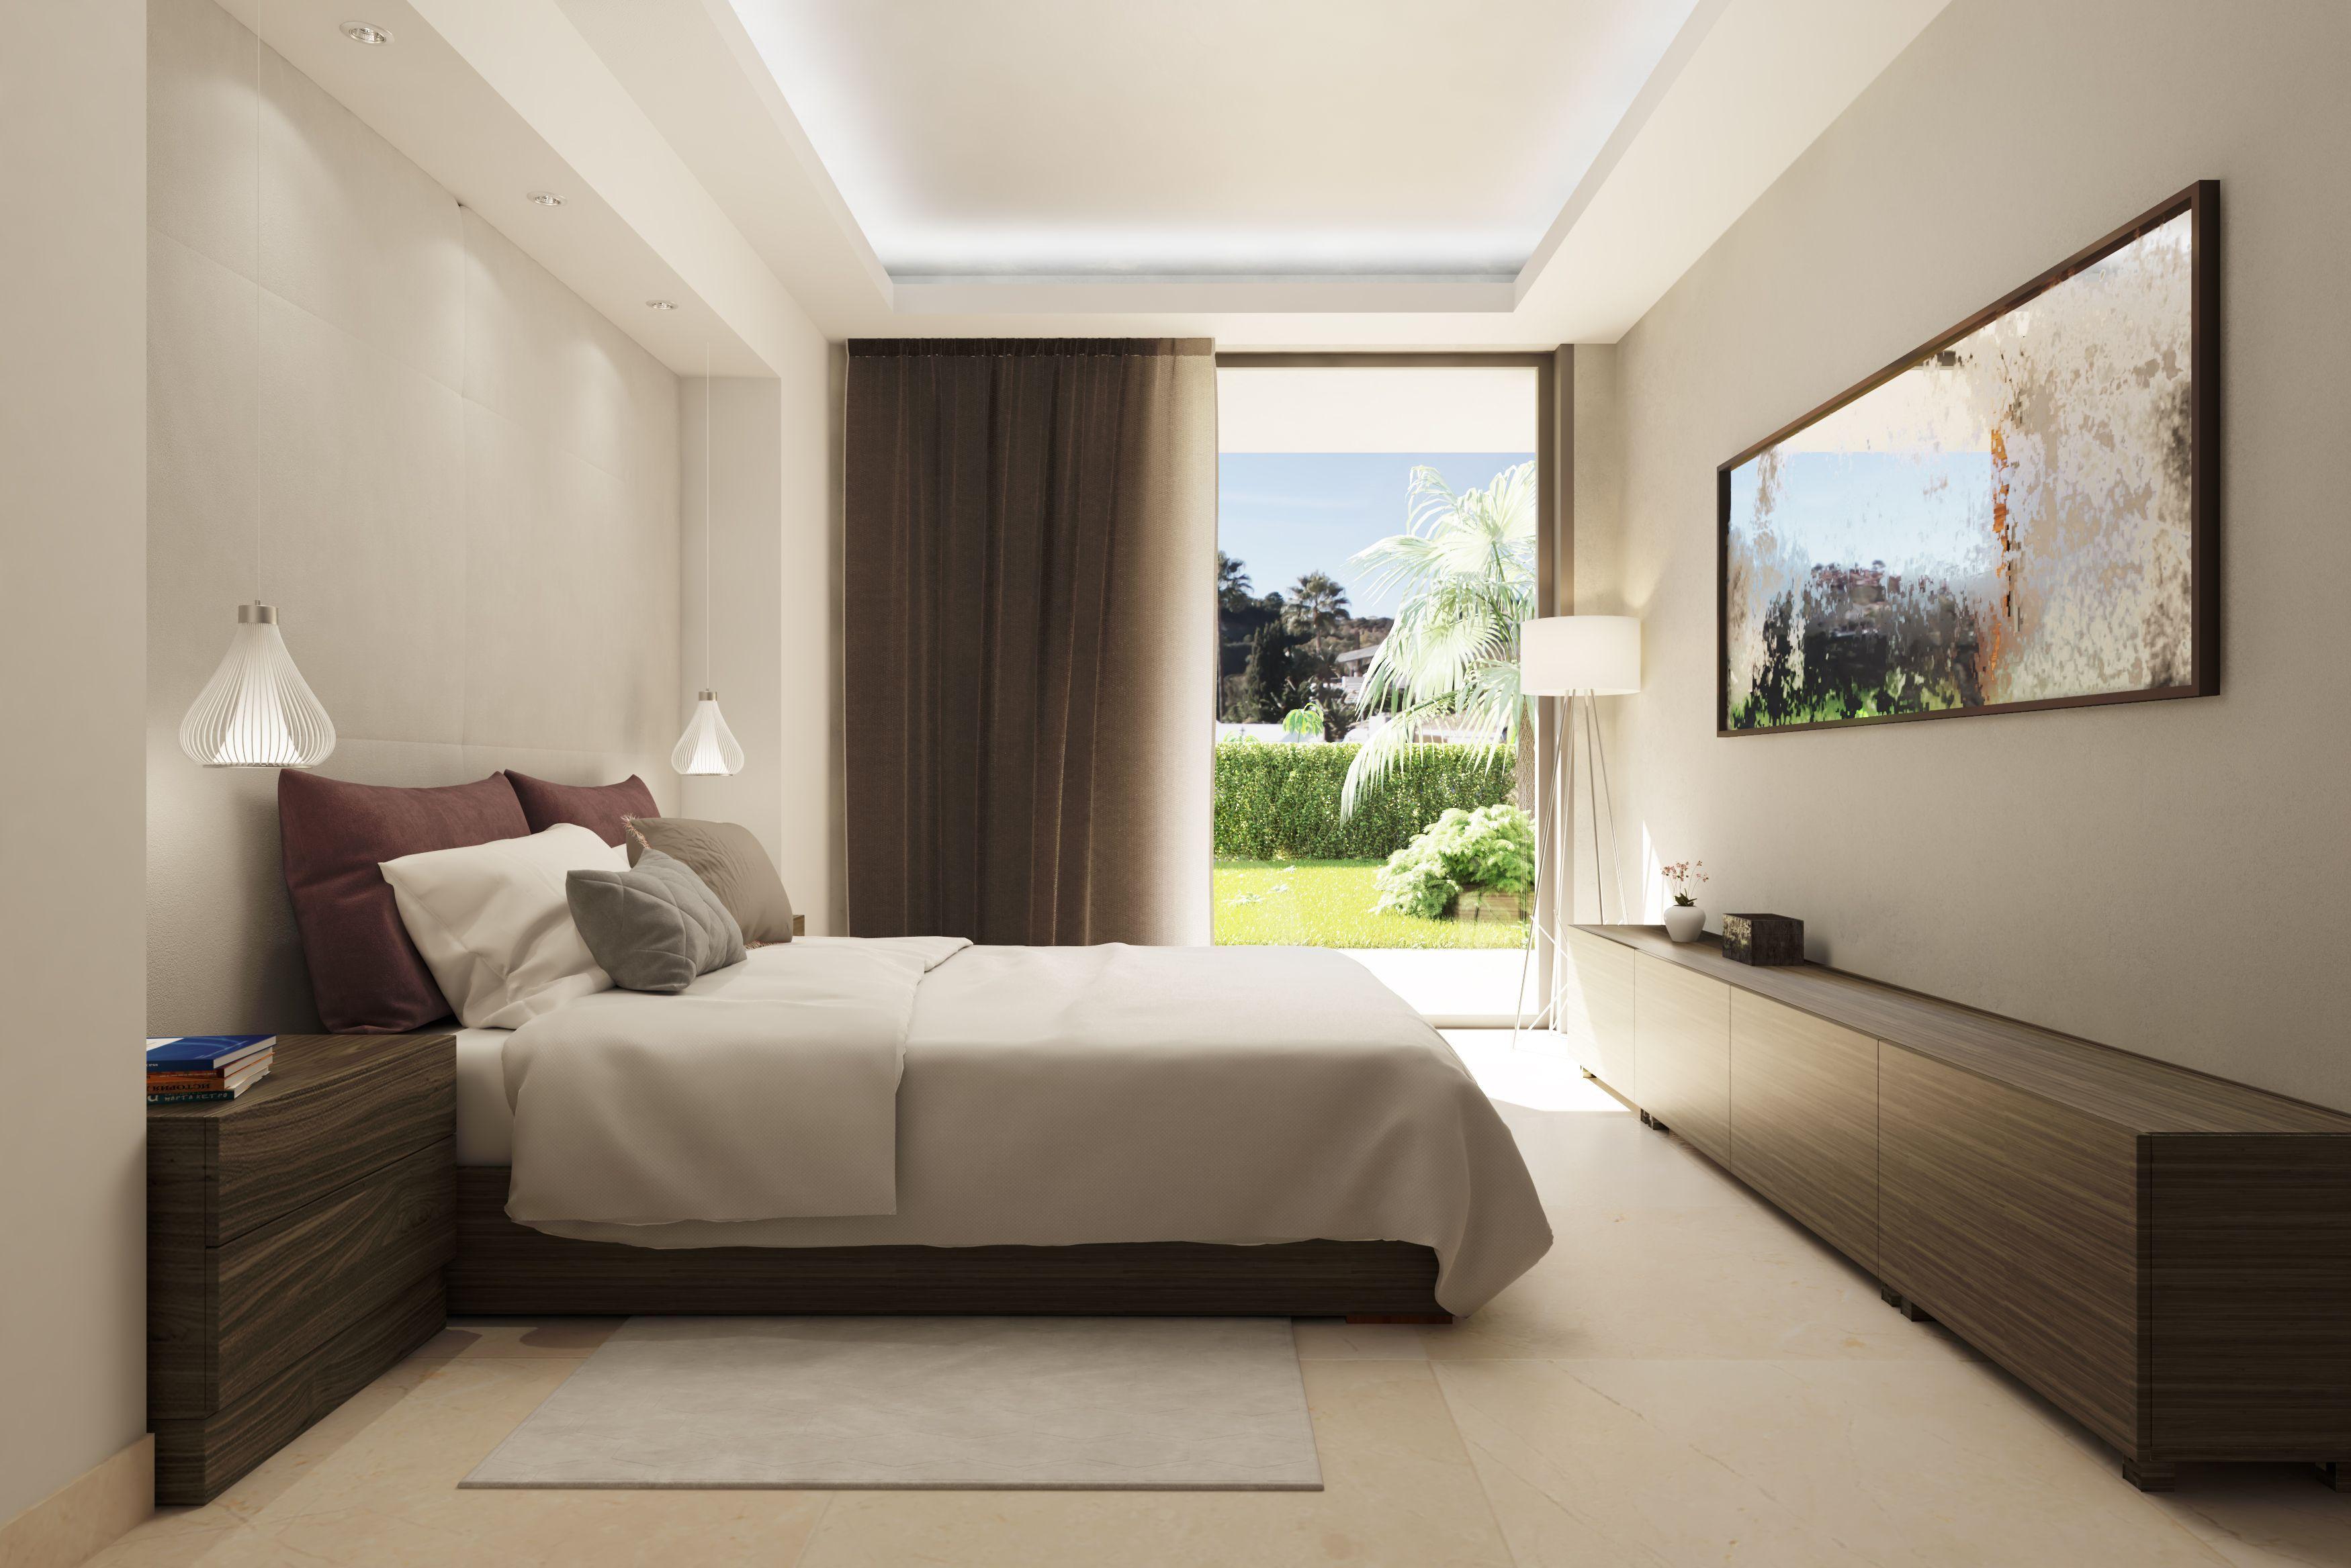 vista-dormitorio-Villa-119-Marbella